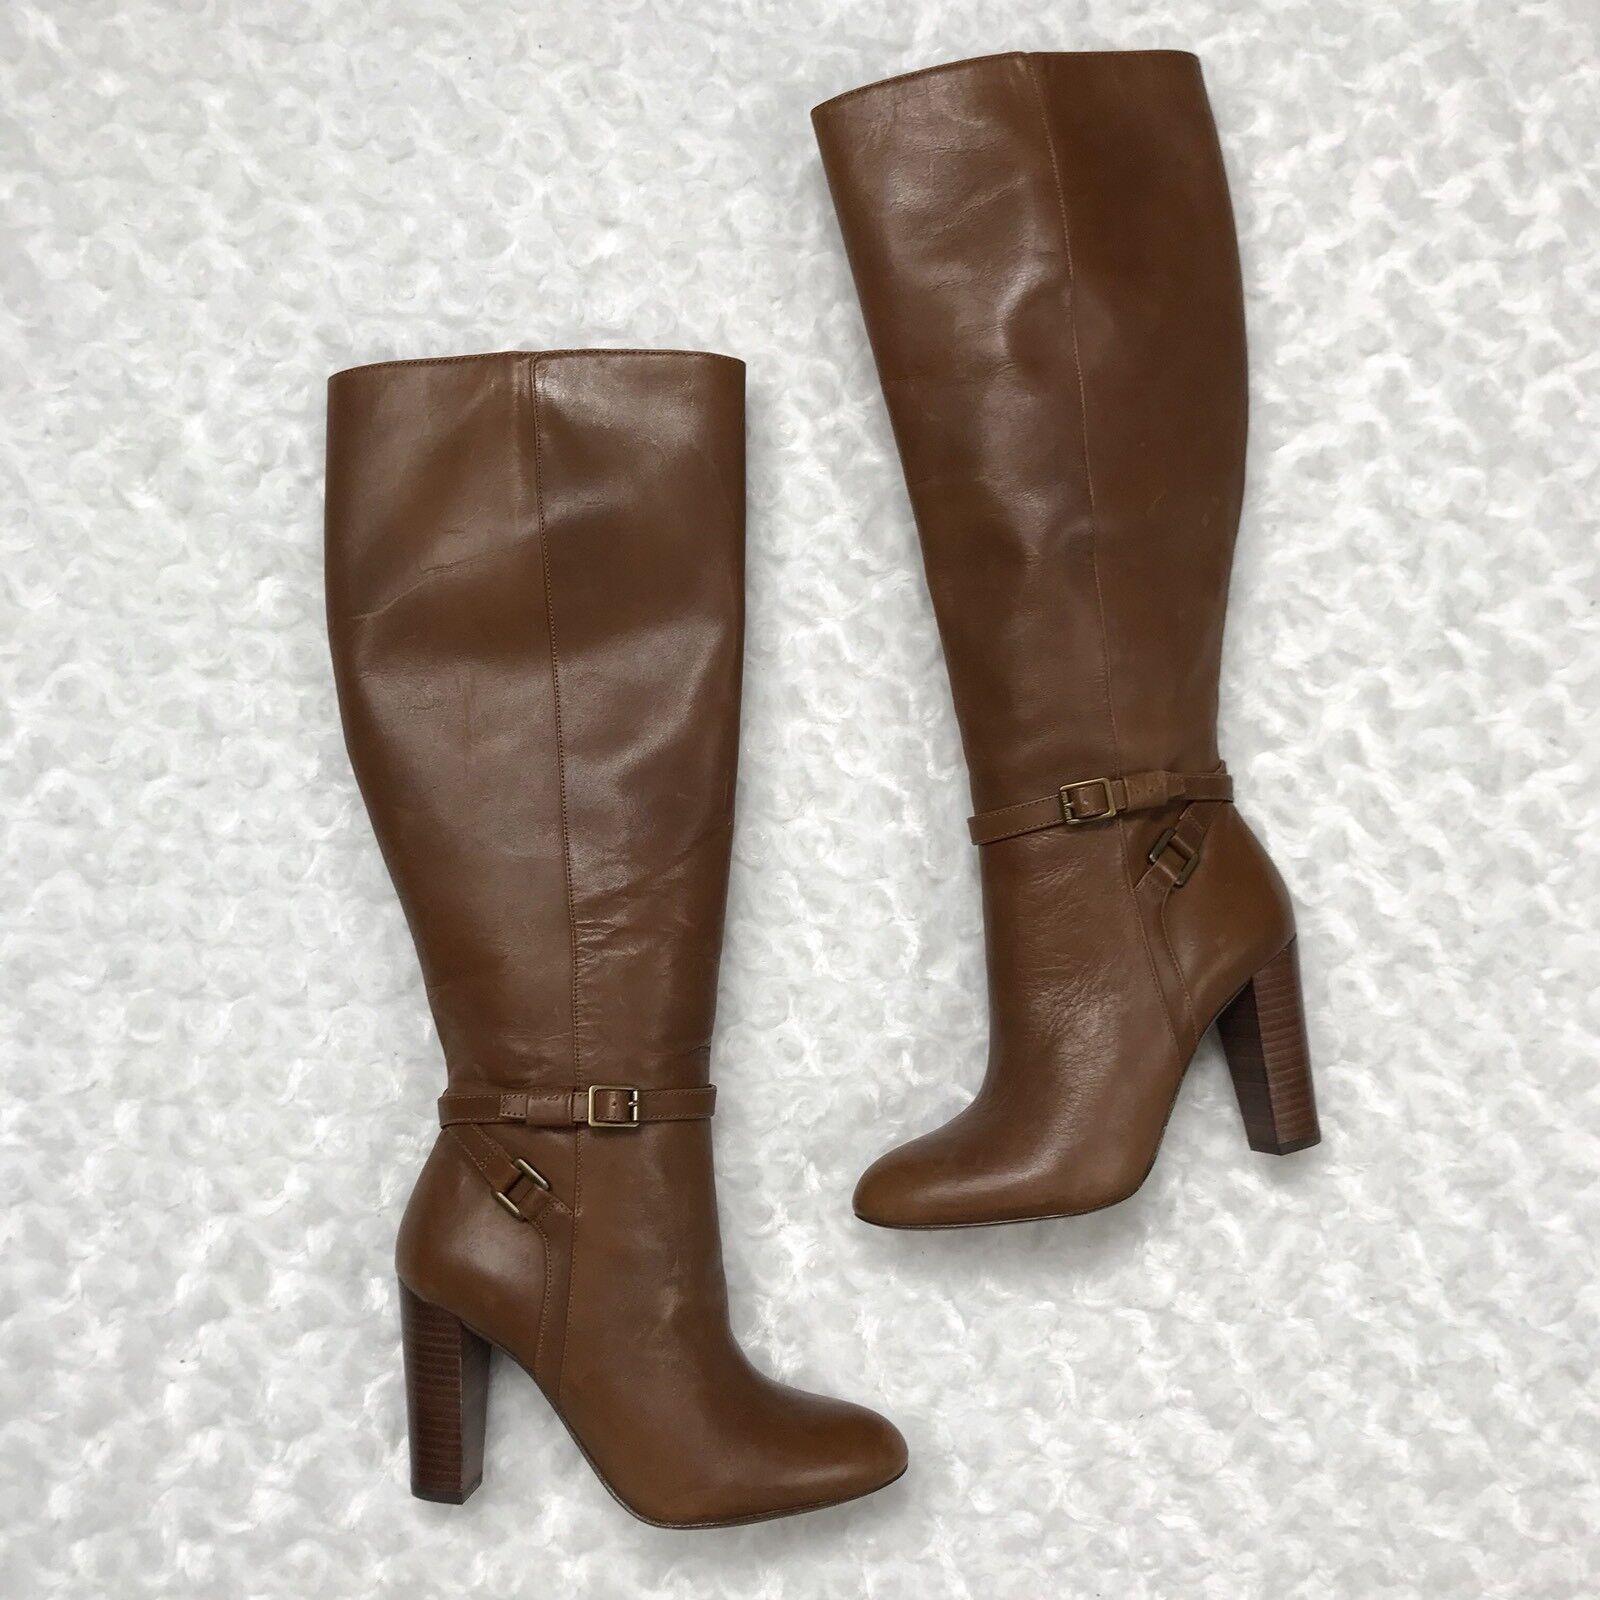 9cf33f98 NWOB Ralph Lauren 5.5 Bruñido Cuero becerro Alto Rodilla Alta Bota Marrón  Valli de bkxdig2455-zapatos nuevos